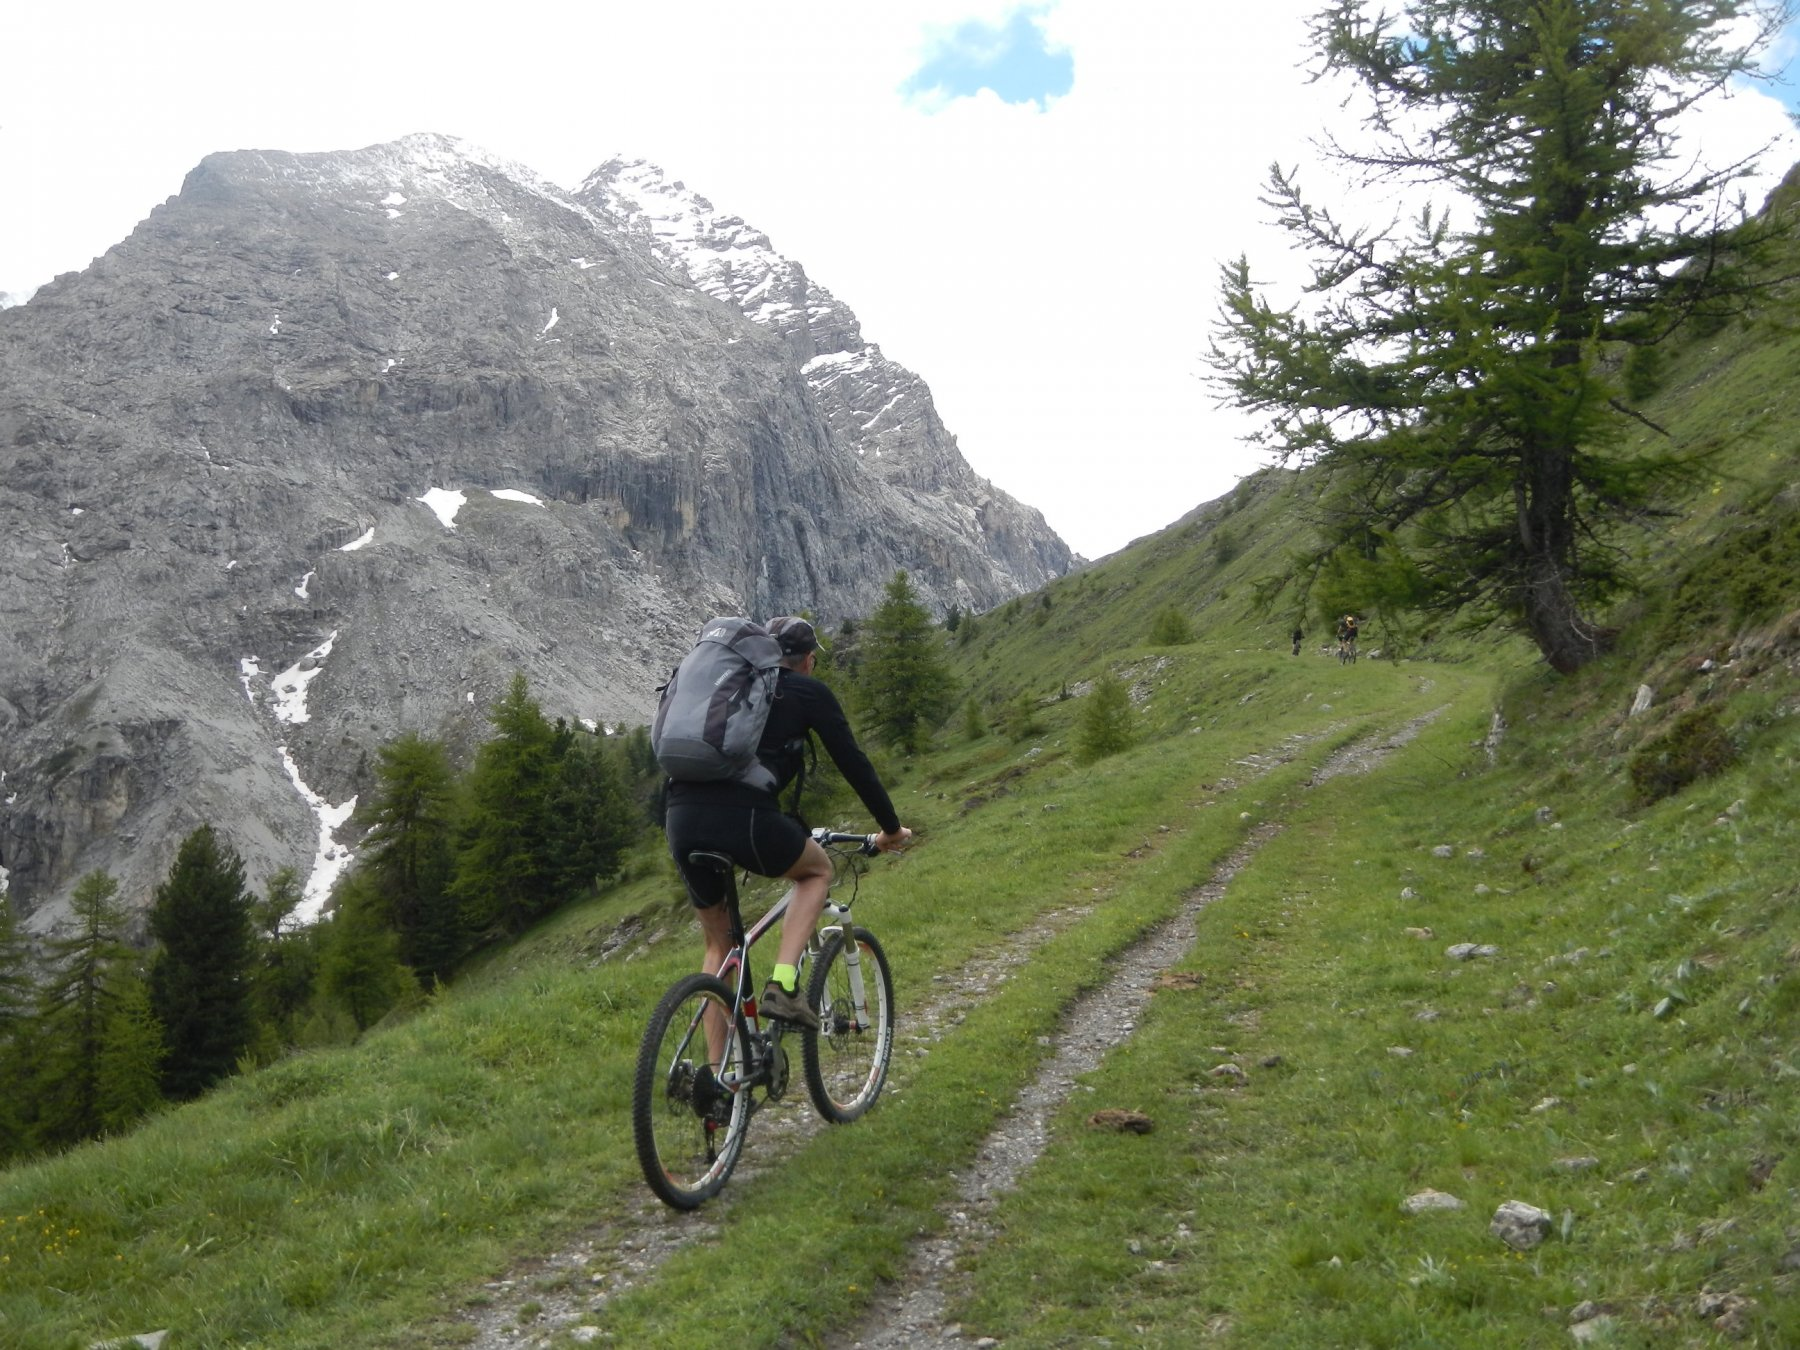 il versante roccioso del Monte Furgon